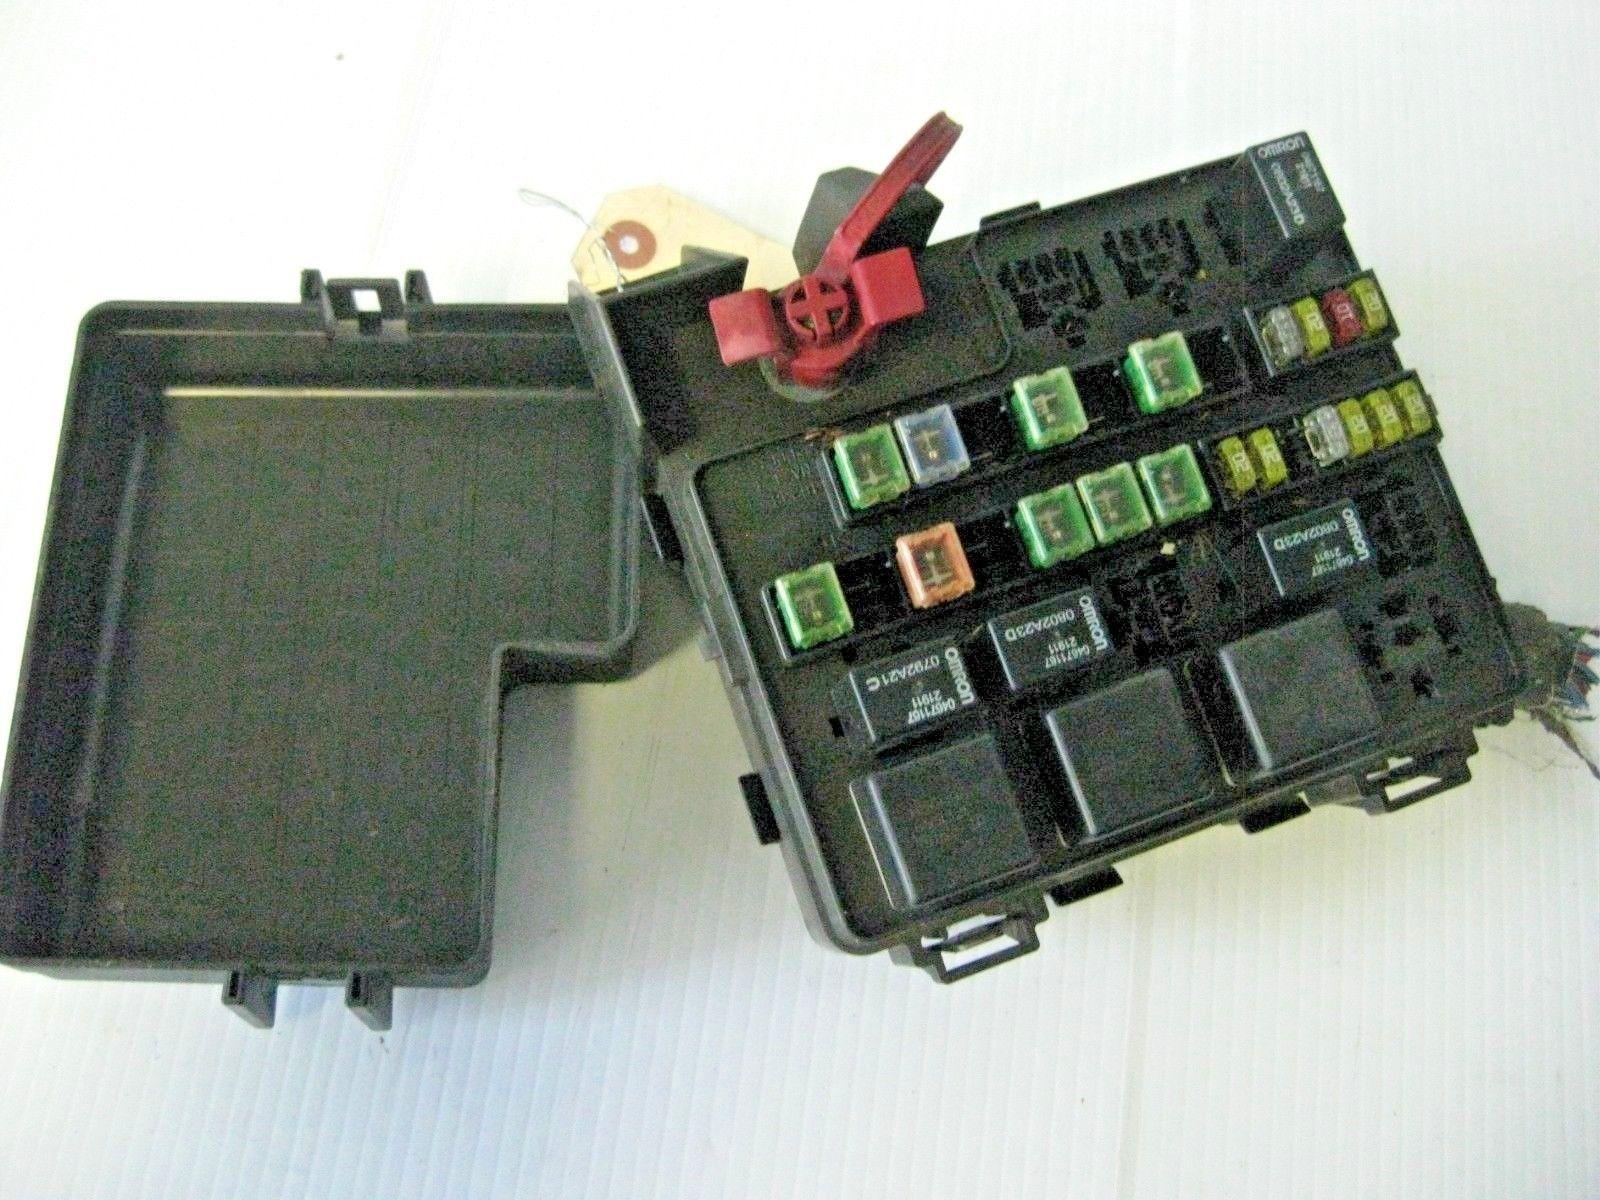 chrysler sebring lxi 2002 engine fuse box oem p0468819ad. Black Bedroom Furniture Sets. Home Design Ideas